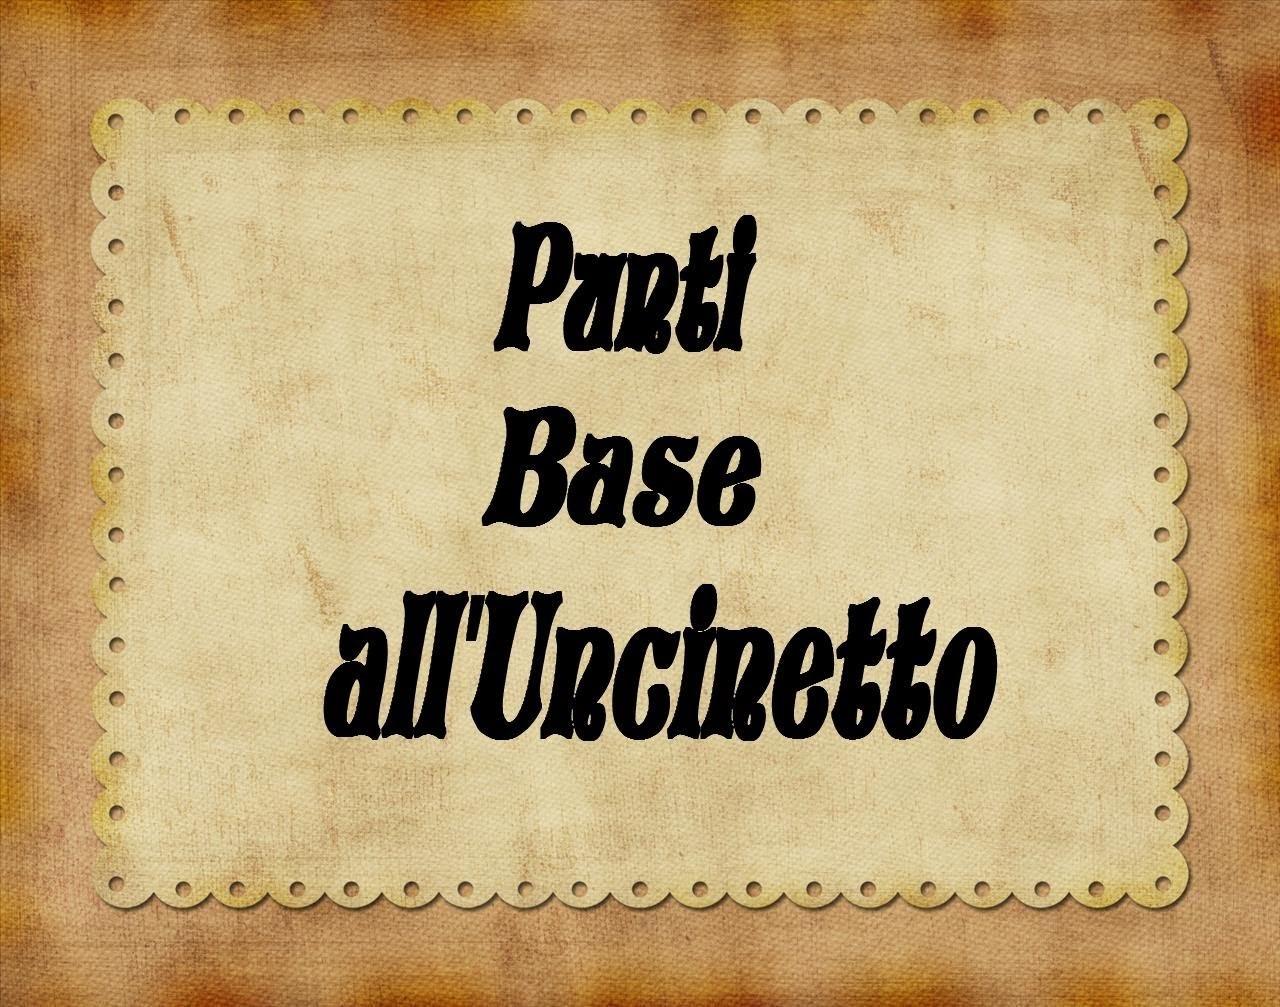 Punti Base all'Uncinetto La Maglia Bassa - Single Crochet Stitch (ENG SUBS)